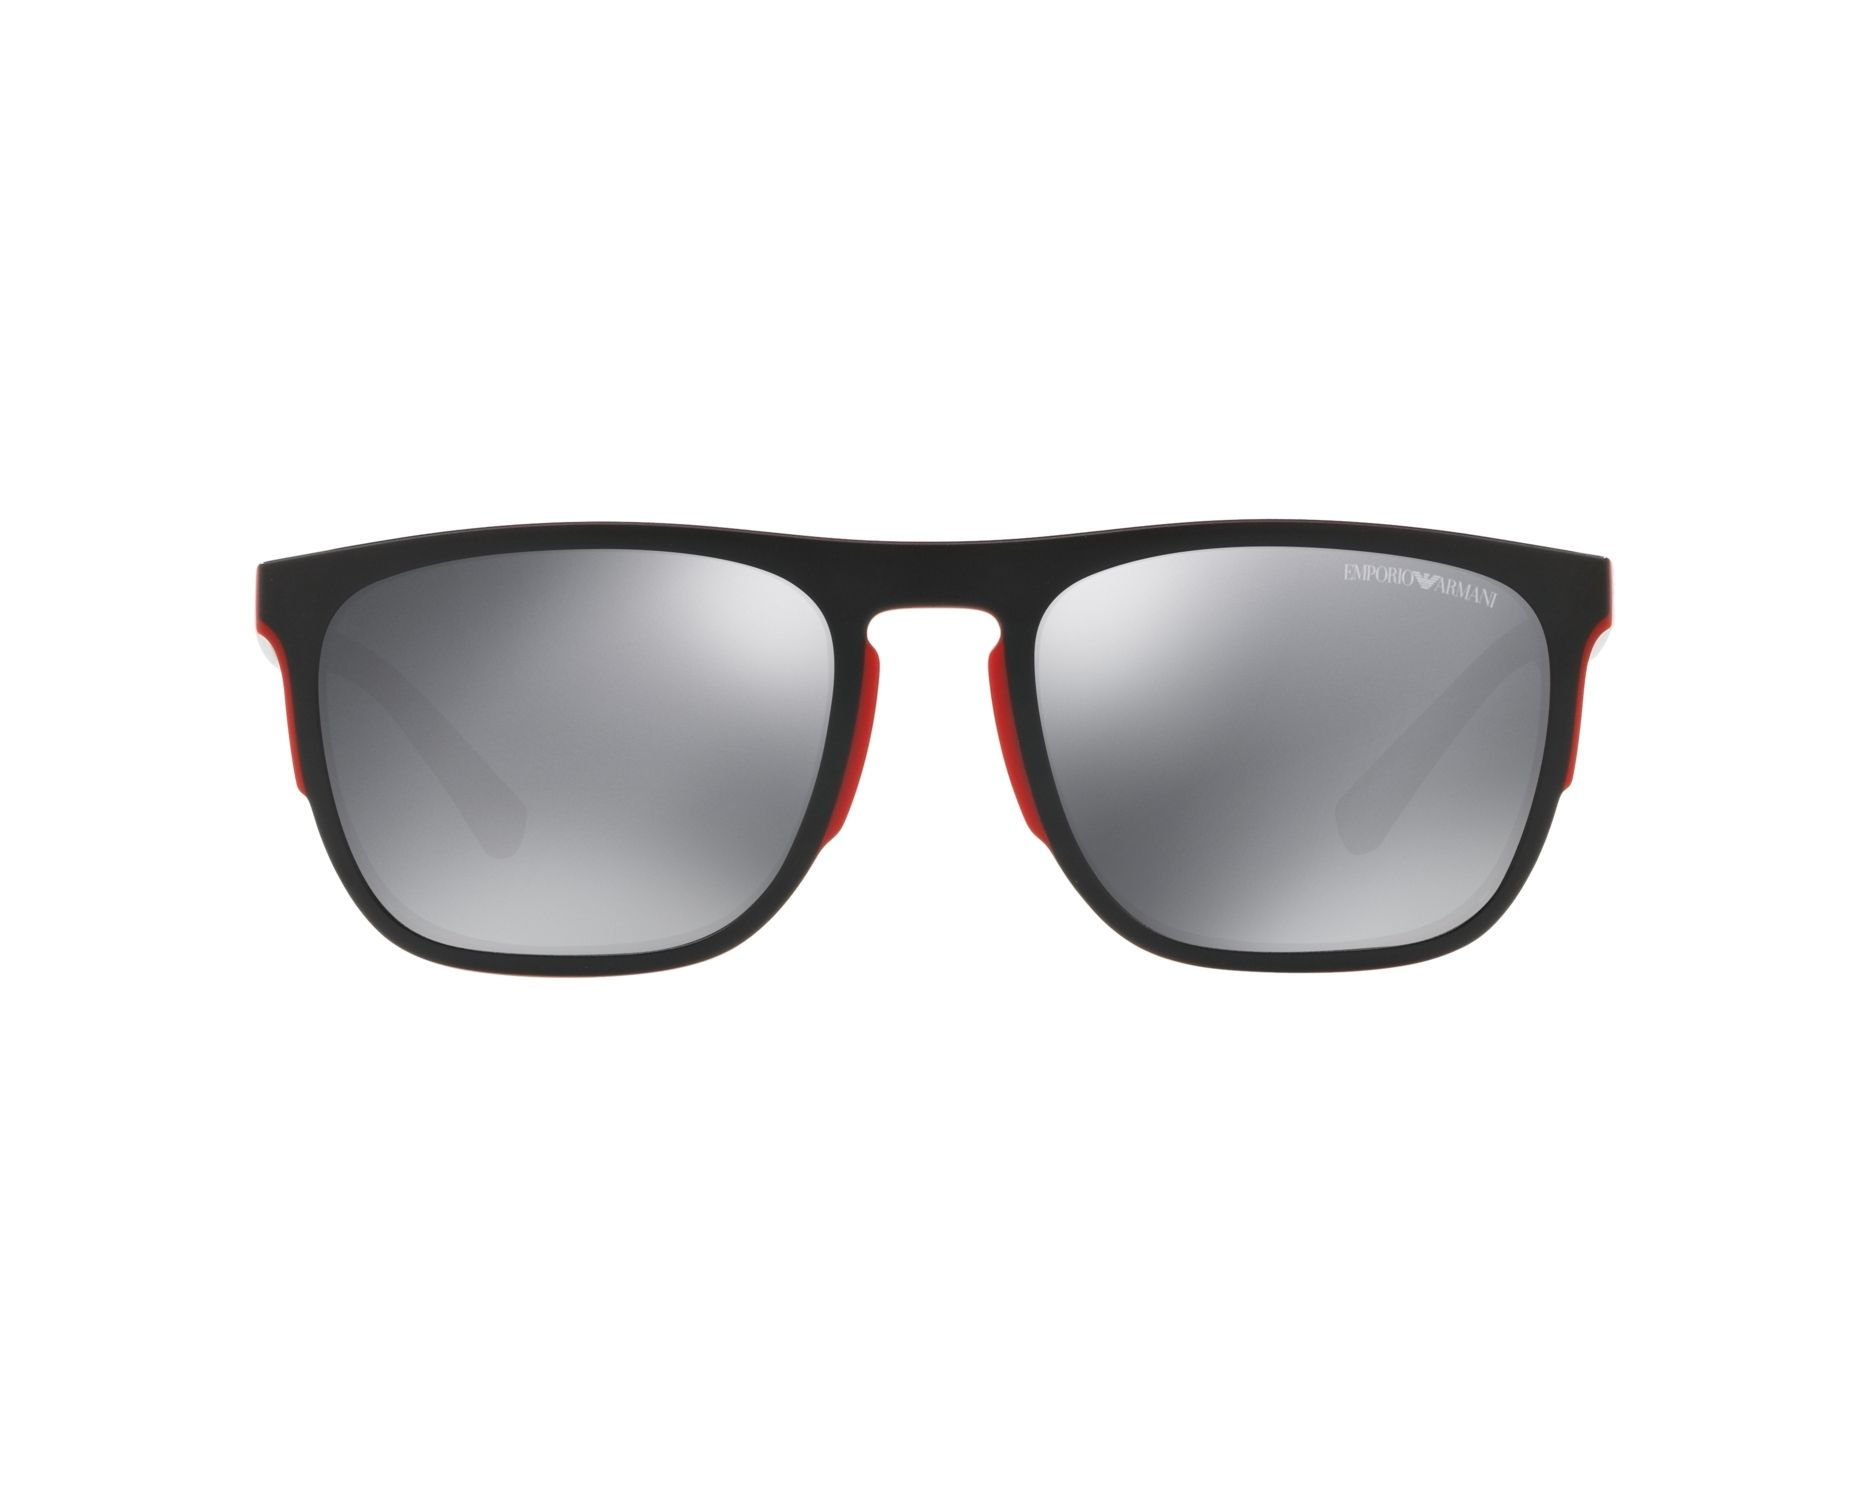 dac3641e02 Sunglasses Emporio Armani EA-4114 56726G 55-20 Black Red 360 degree view 1